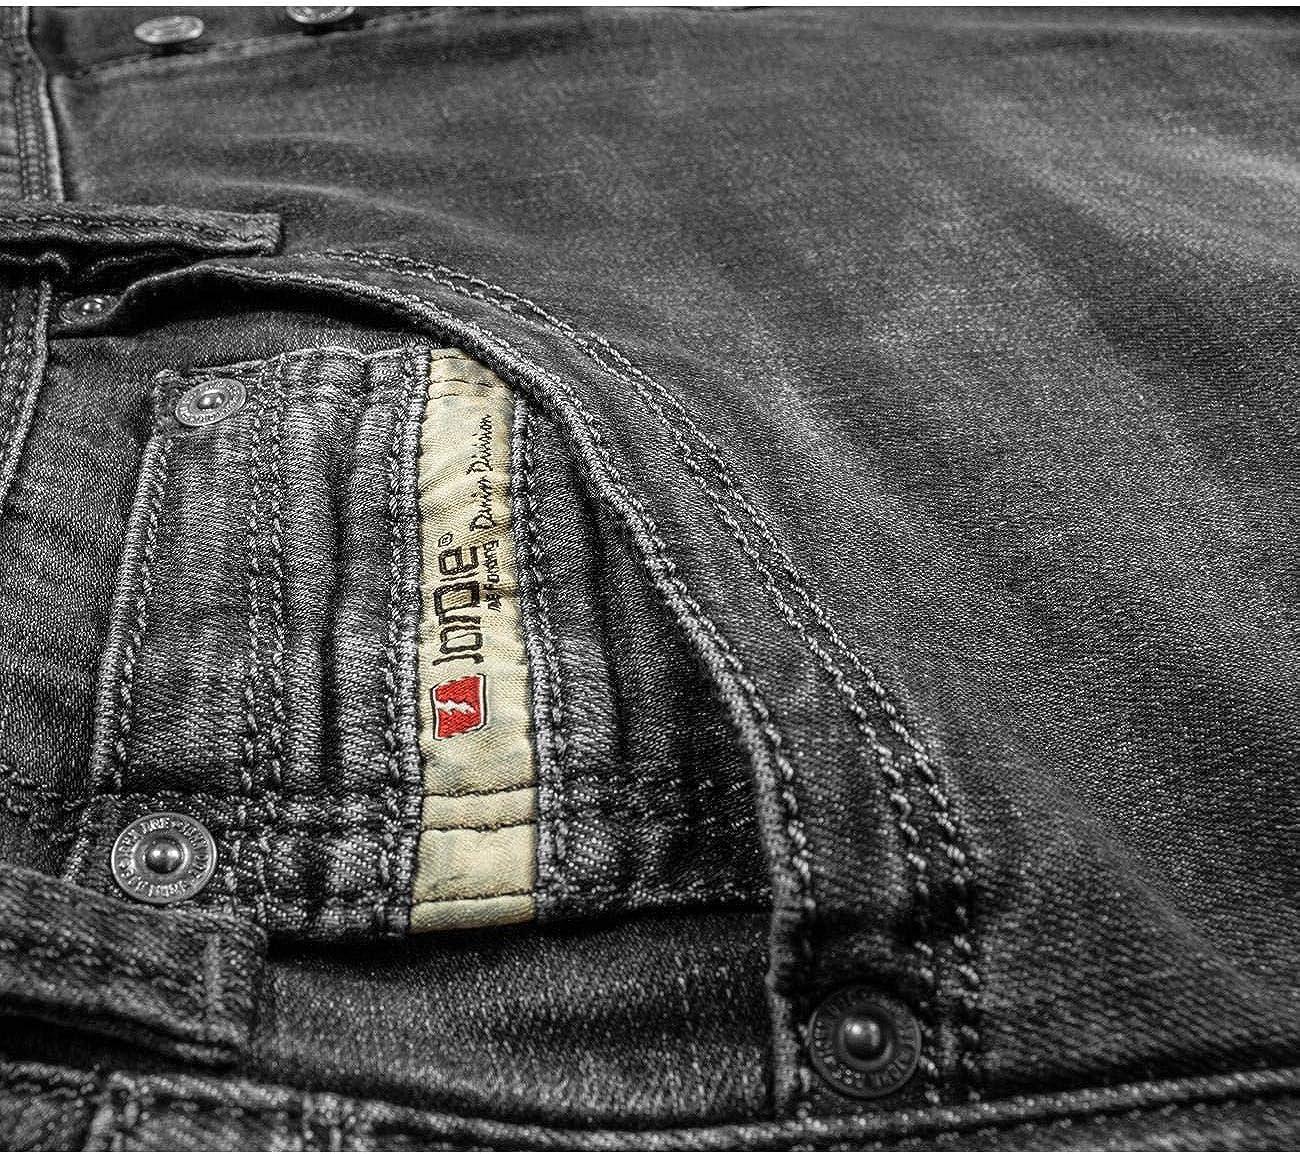 Atmungsaktiv John Doe Original XTM Denim Jeans mit Stretch Motorrad Jeans Motorradhose mit Kevlar Einsetzbare Protektoren